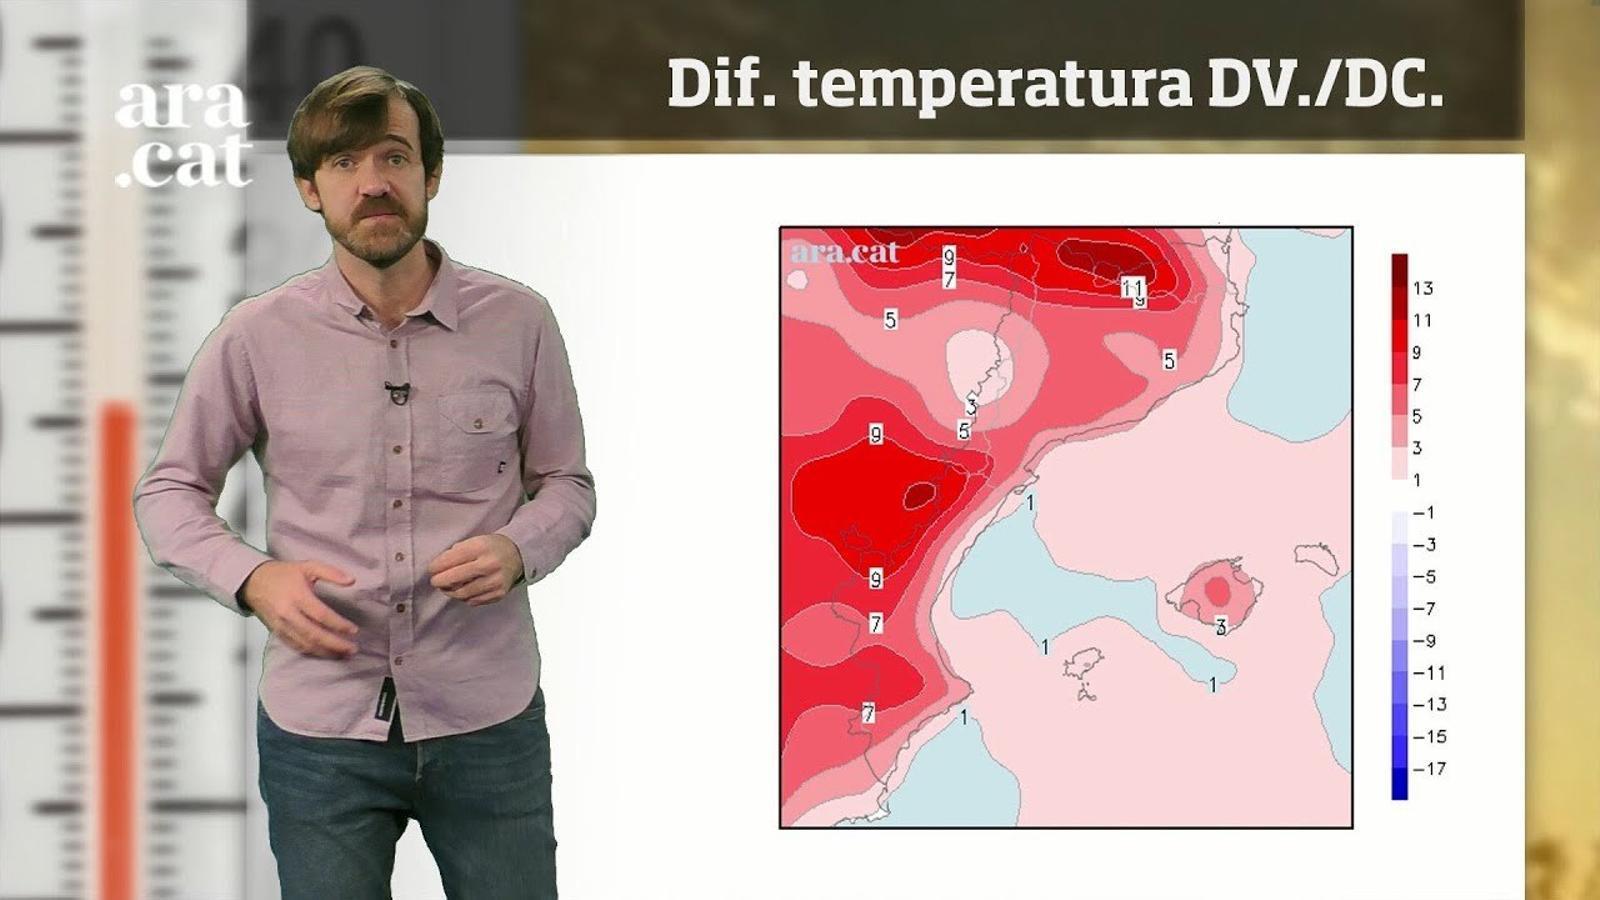 La méteo en 1 minut: cap de setmana variable a l'espera d'una pujada de la temperatura